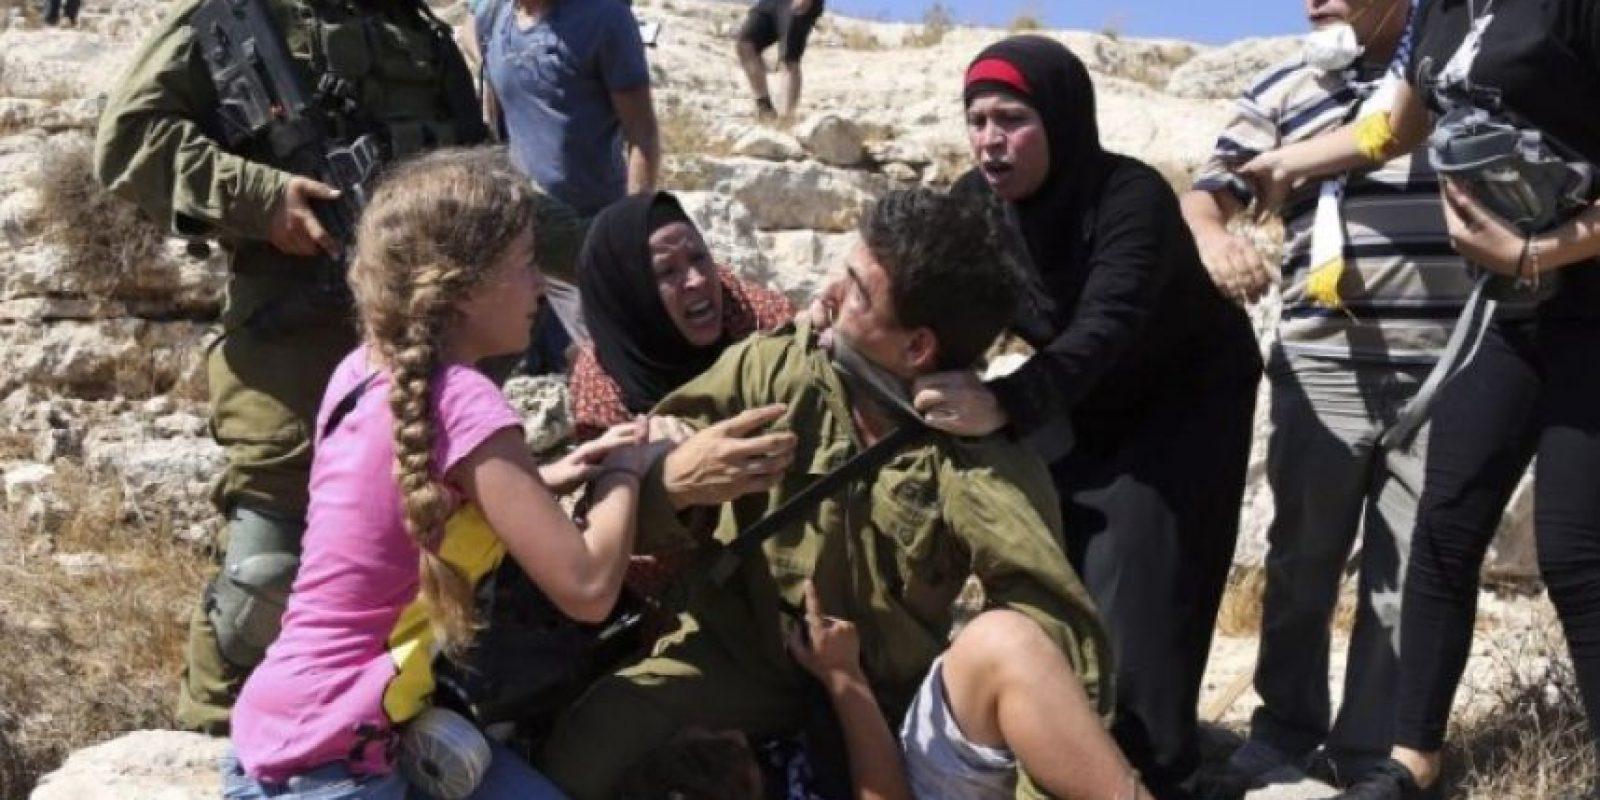 Las mujeres forcejearon con el integrante de las Fuerzas de Defensa de Israel durante unos segundos, hasta que intervino un comandante del soldado, quien decidió cancelar la detención. Foto:AFP